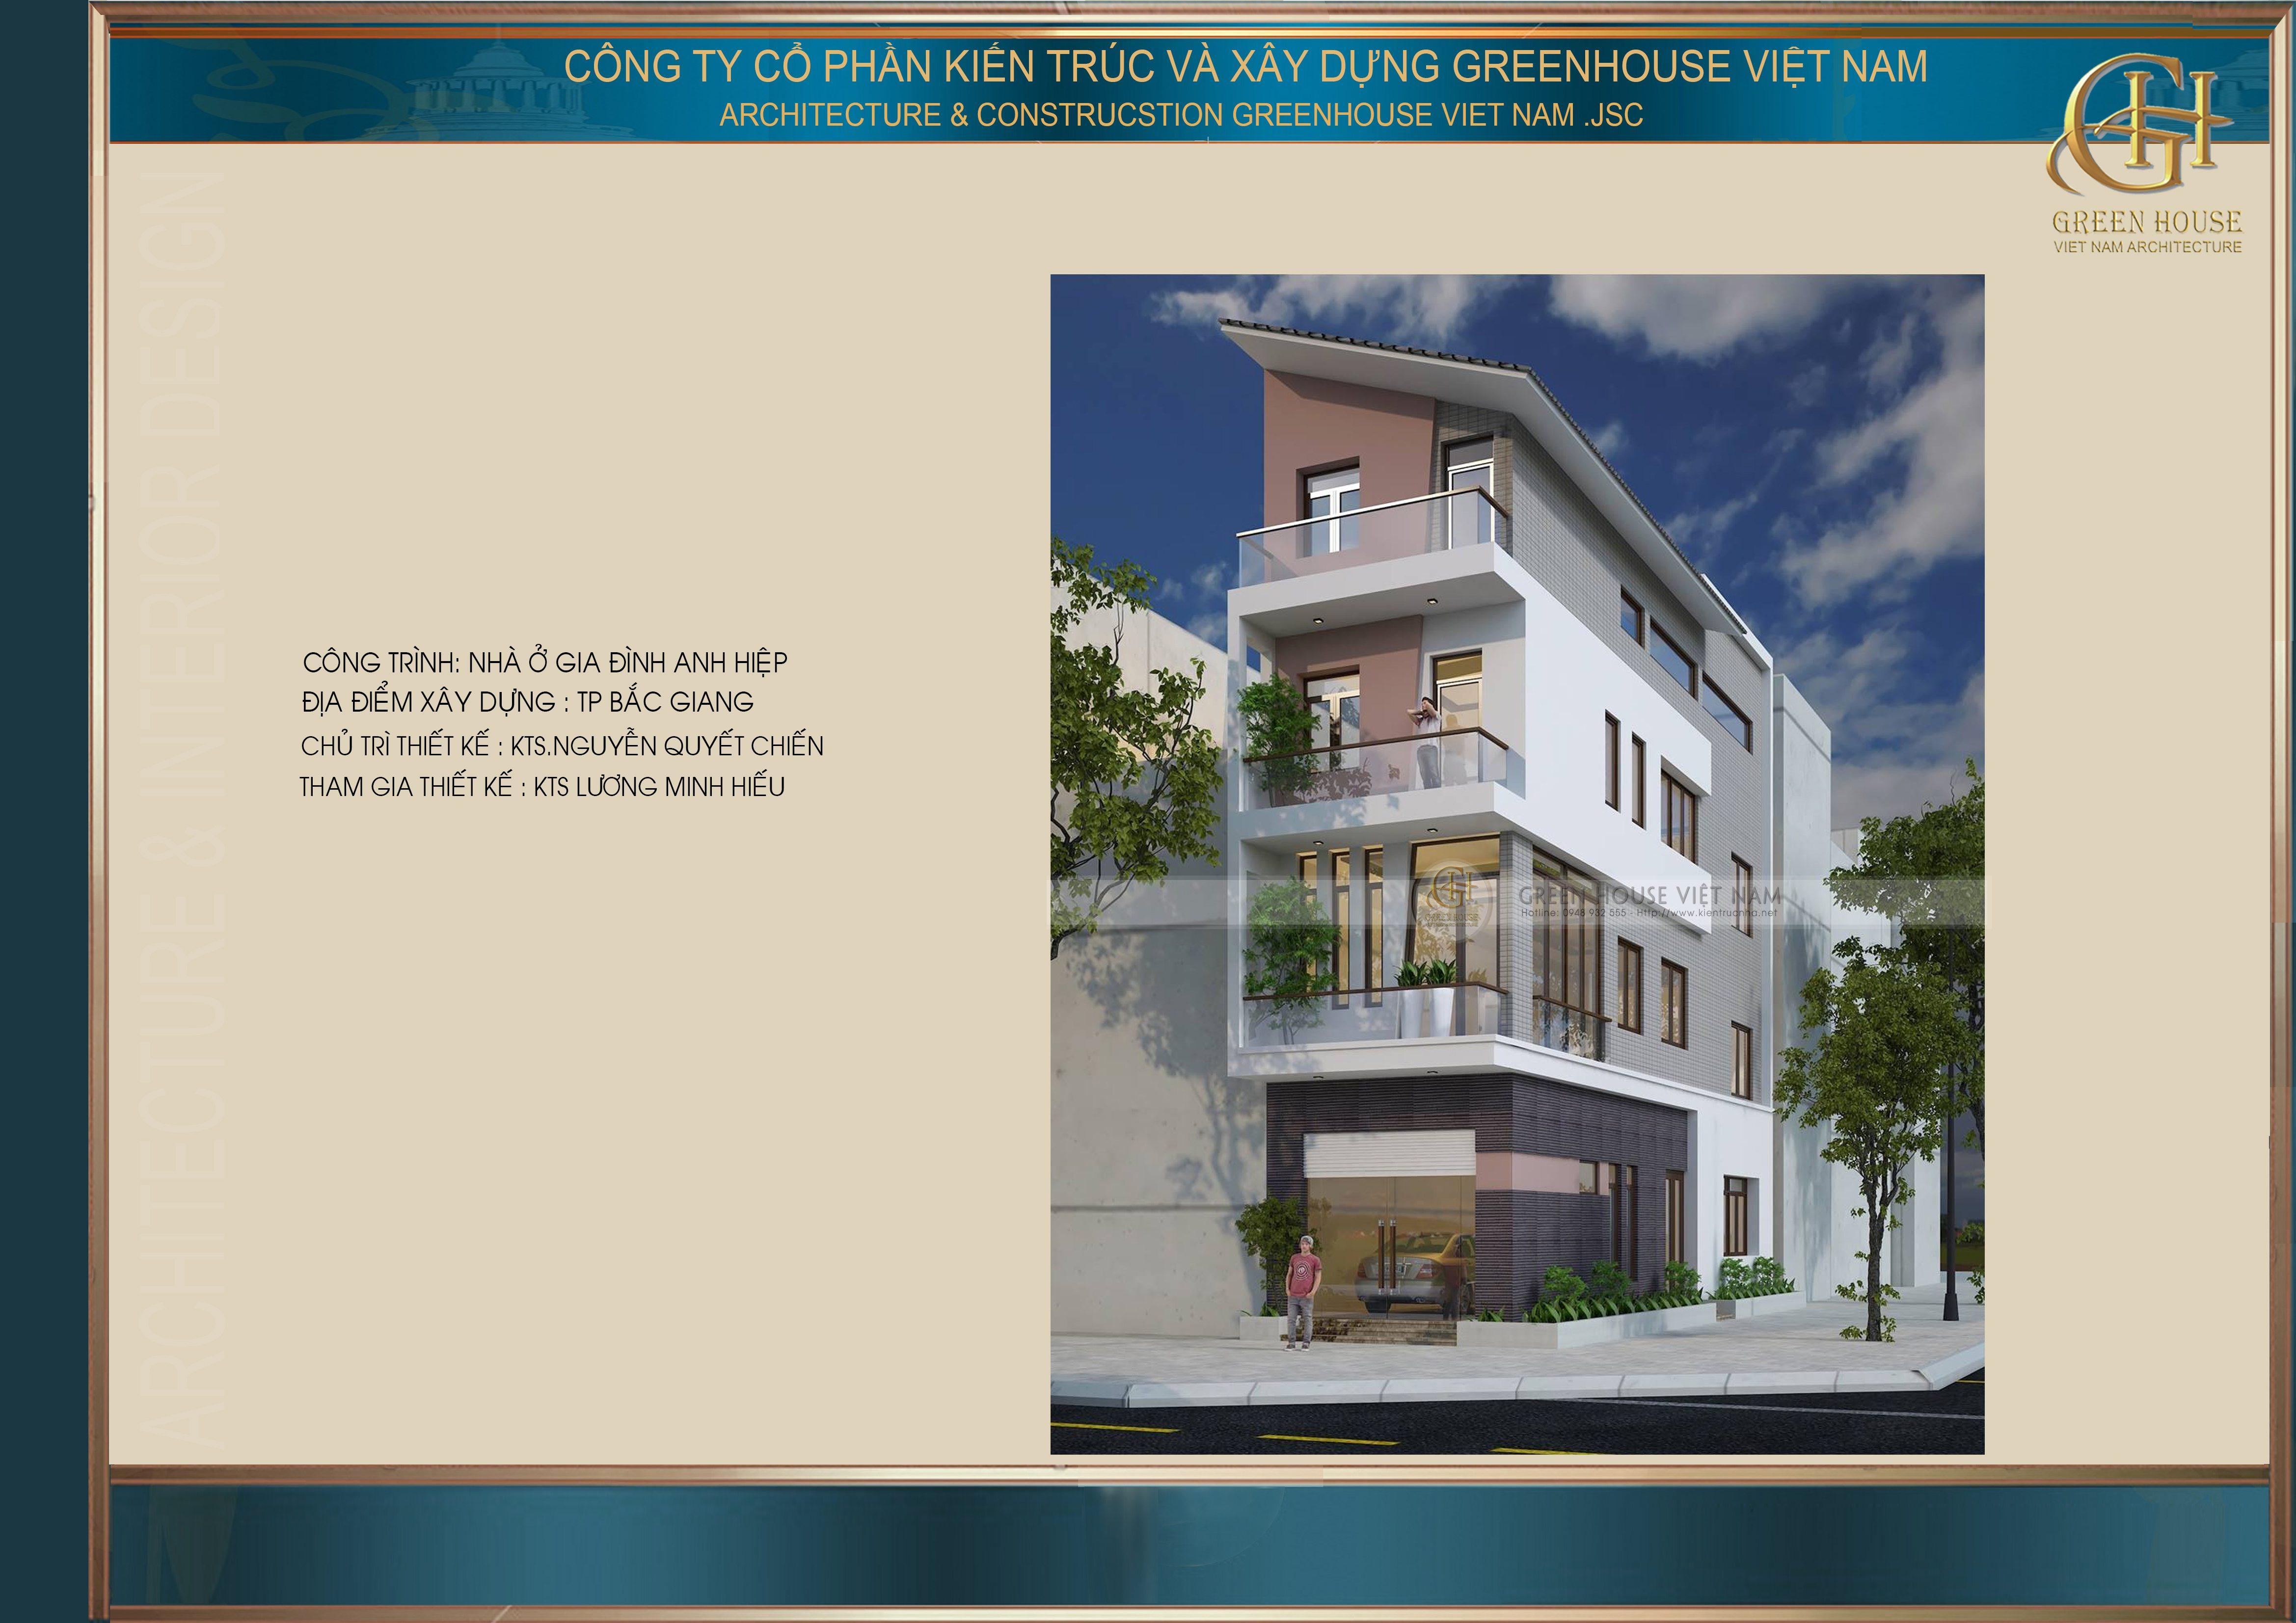 Thiết kế nhà lô phố: Gia đình anh Hiệp- Tp Bắc Giang